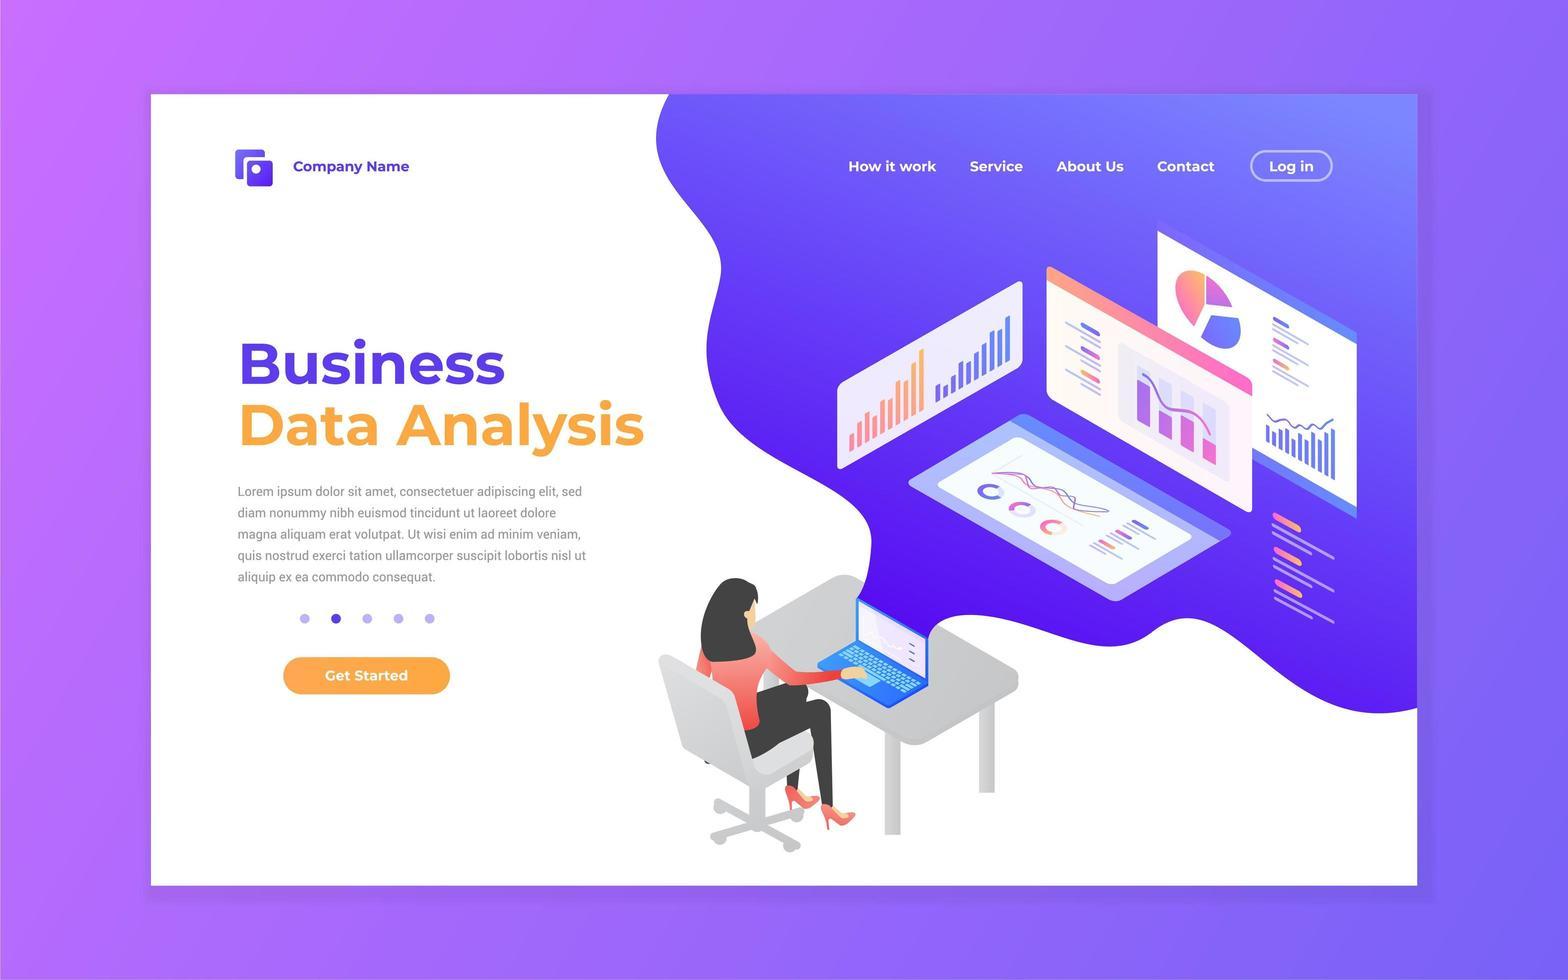 sito web anylsis dati aziendali e pagina di destinazione mobile vettore